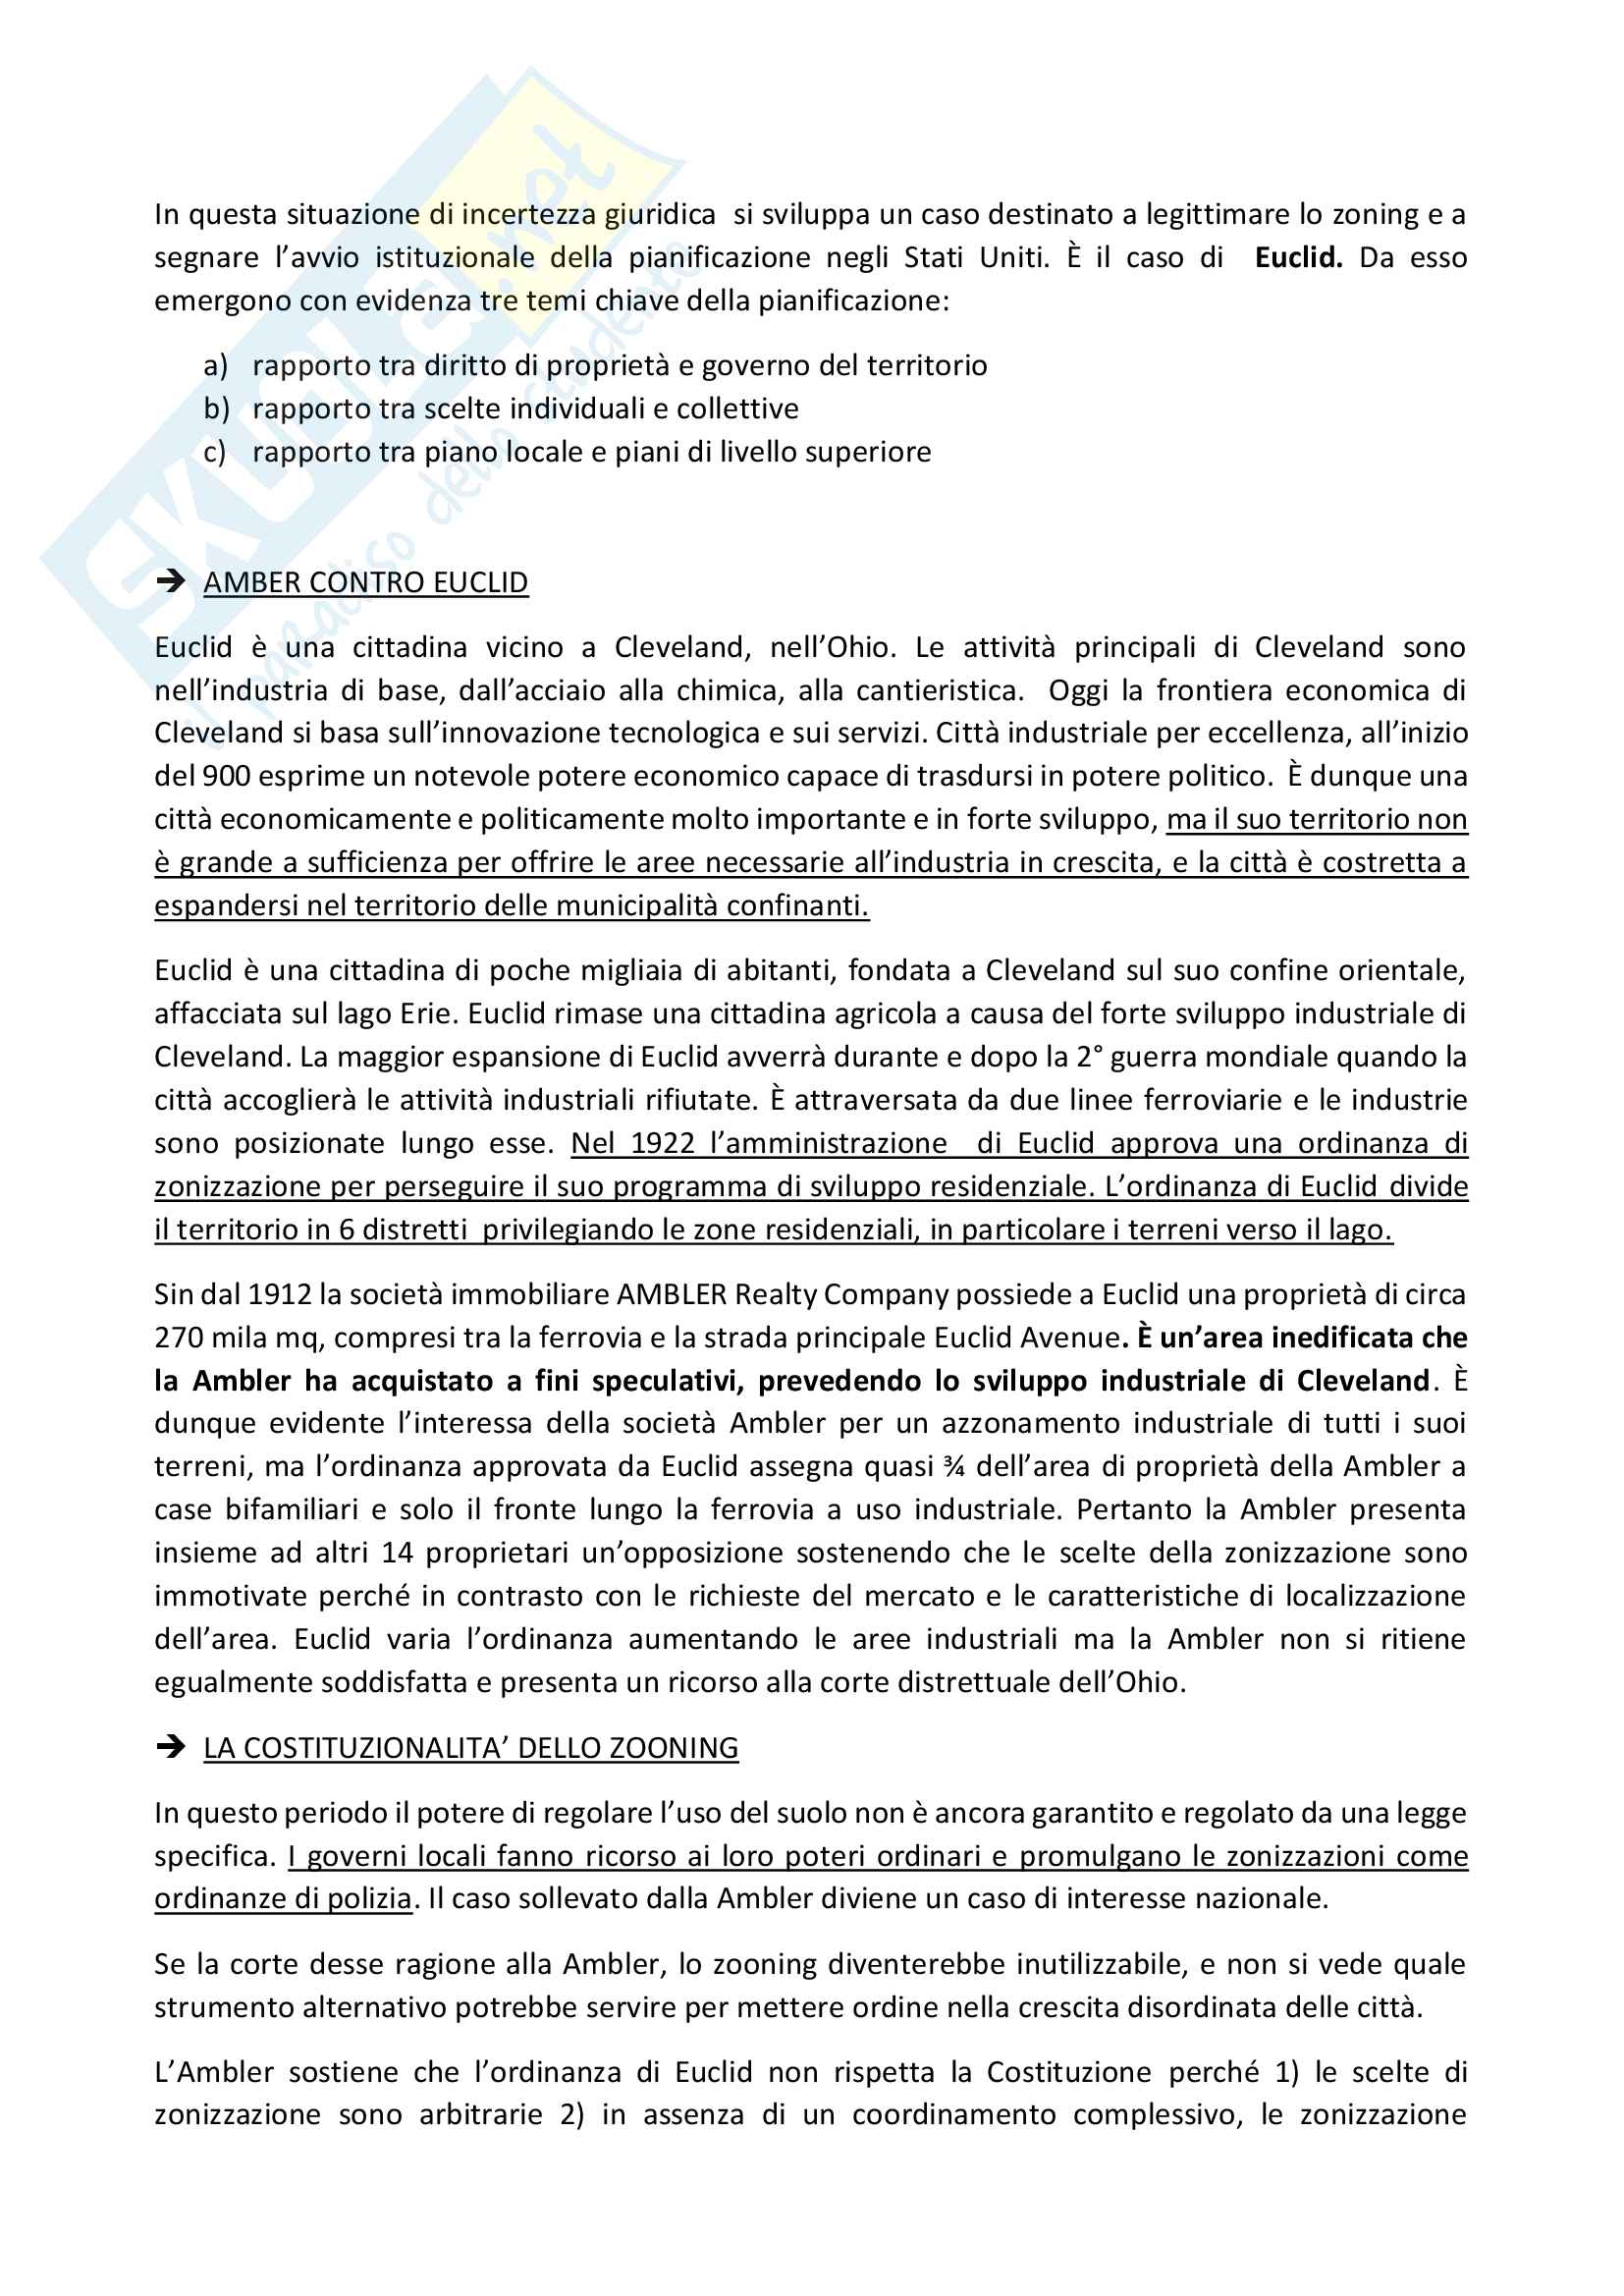 Schemi riassunto appunti Gaeta - pianificazione e governo del territorio Pag. 2